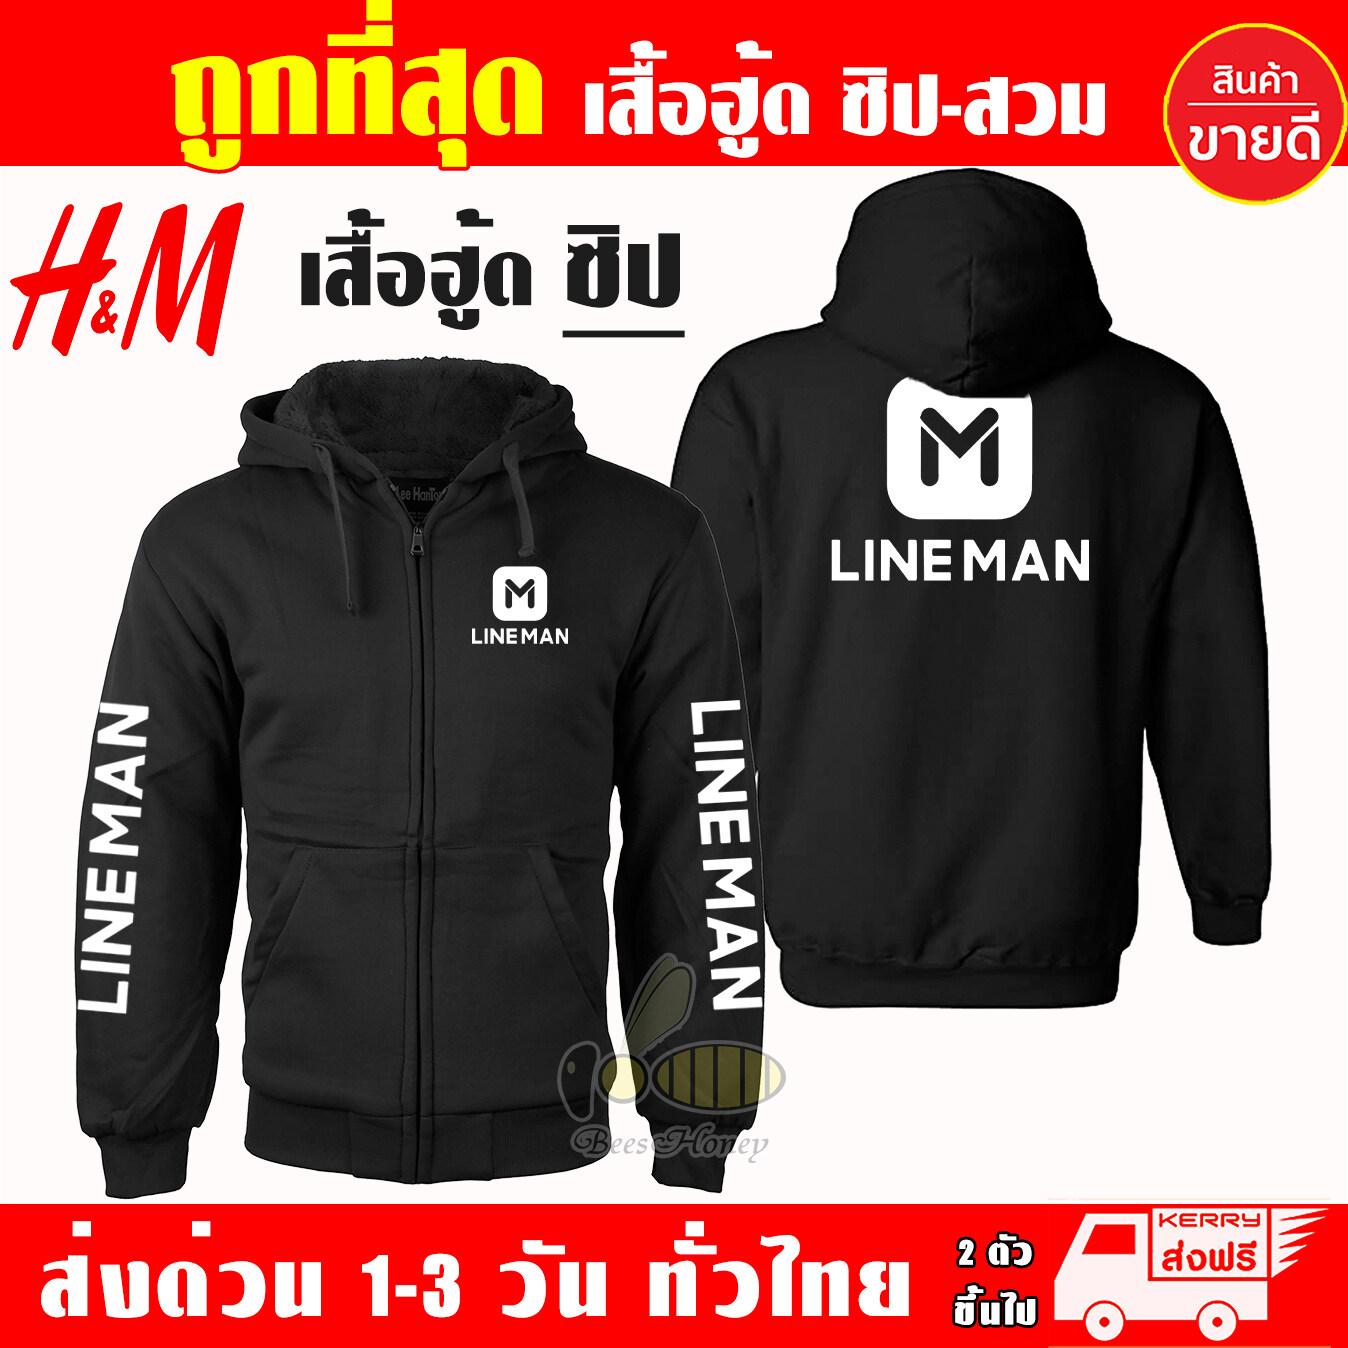 เสื้อฮู้ด LINEMAN งาน H&M แบบสวมและซิป เสื้อกันหนาว ผ้าเกรด A เสื้อแจ็คเก็ต งานดีแน่นอน หนานุ่มใส่สบาย Hoodie สกรีนเฟล็ก PU